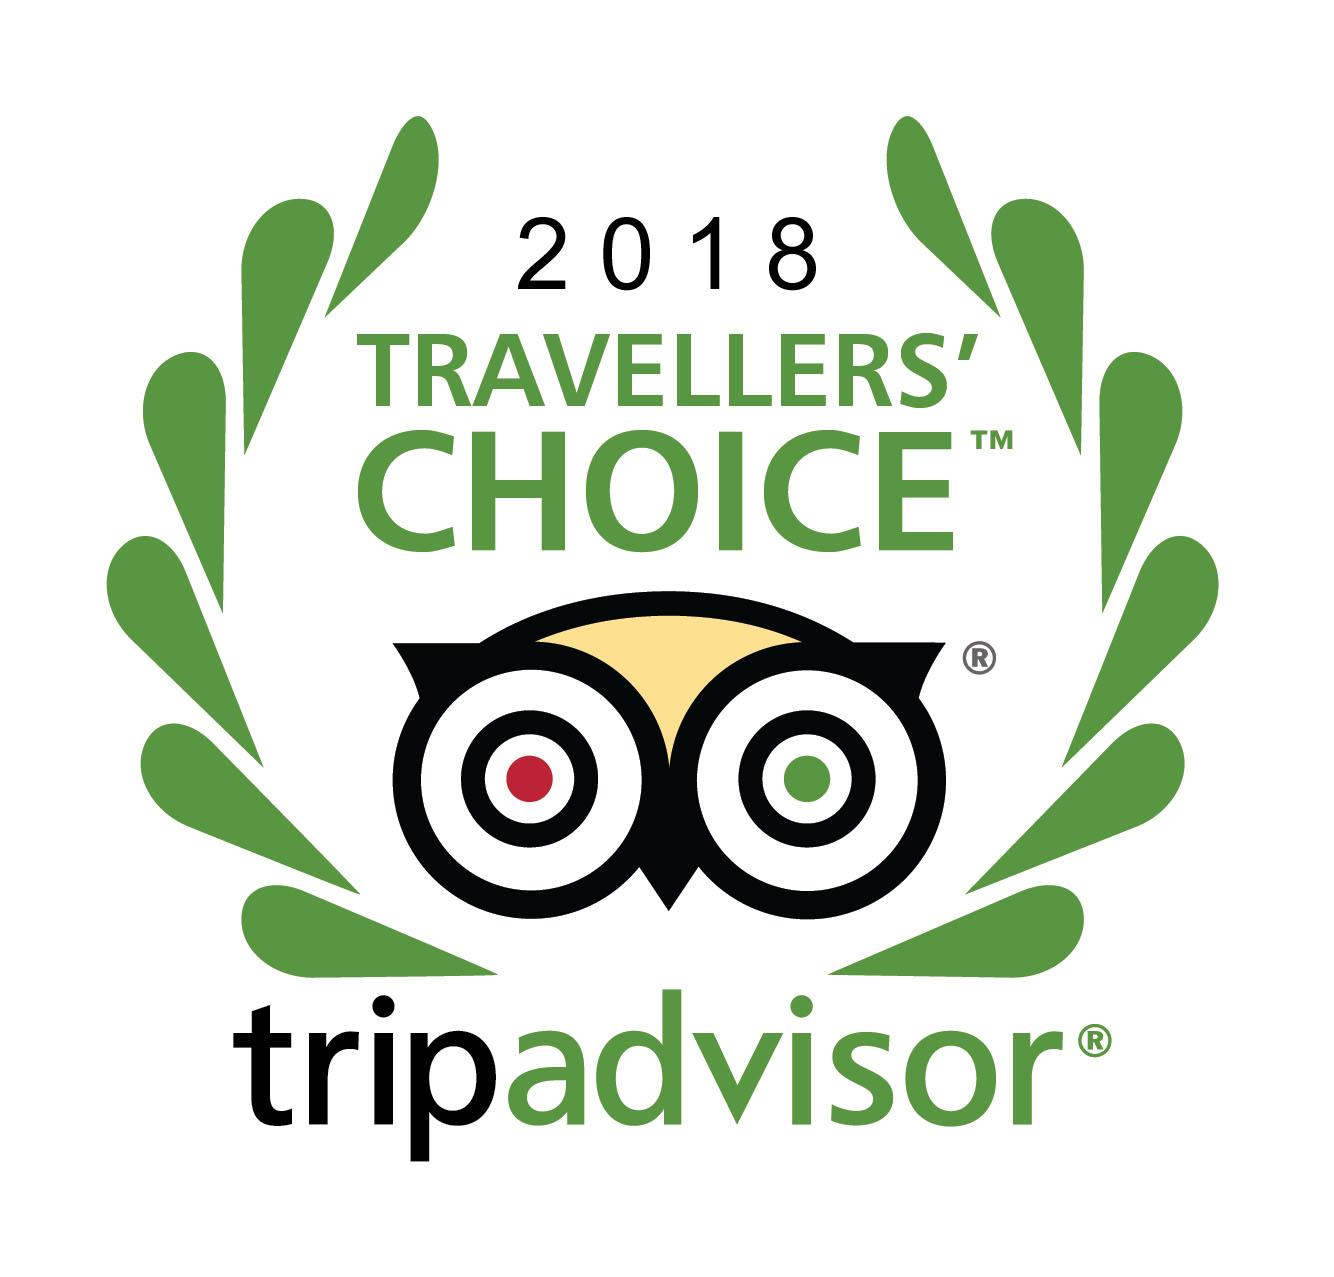 Travelers_choice_logo copy.jpg